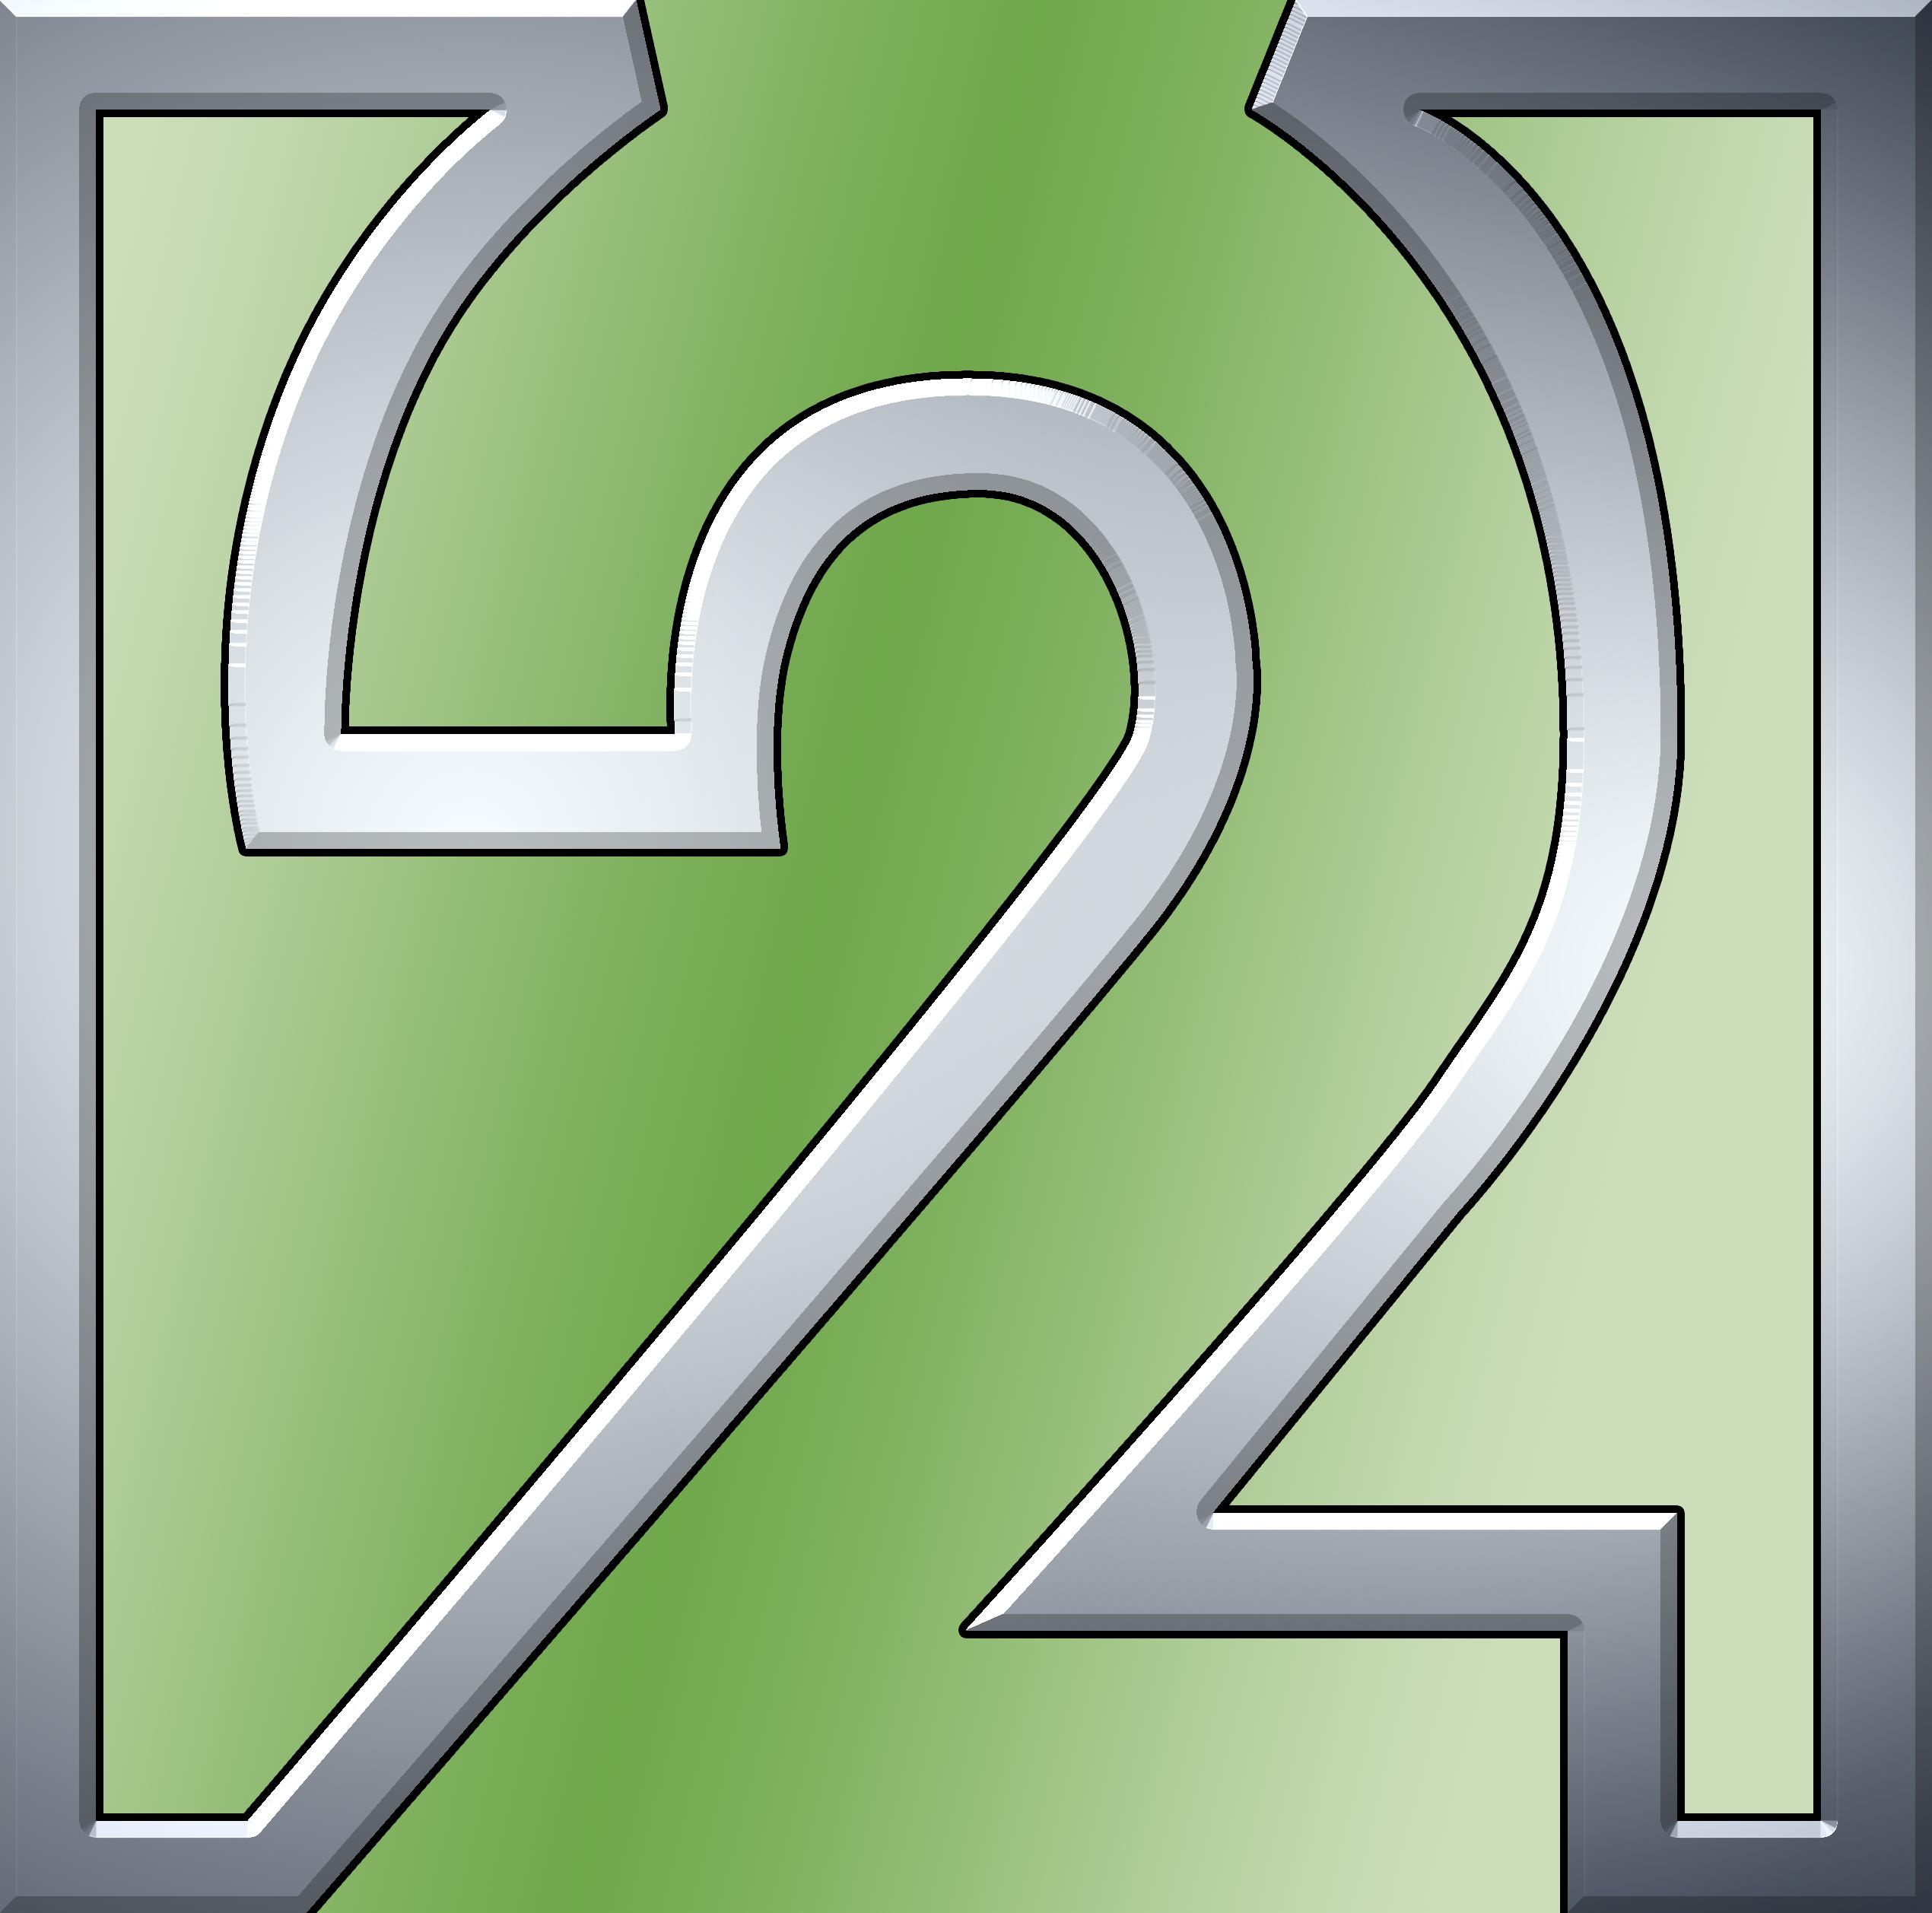 File:TVE2 logo old.png